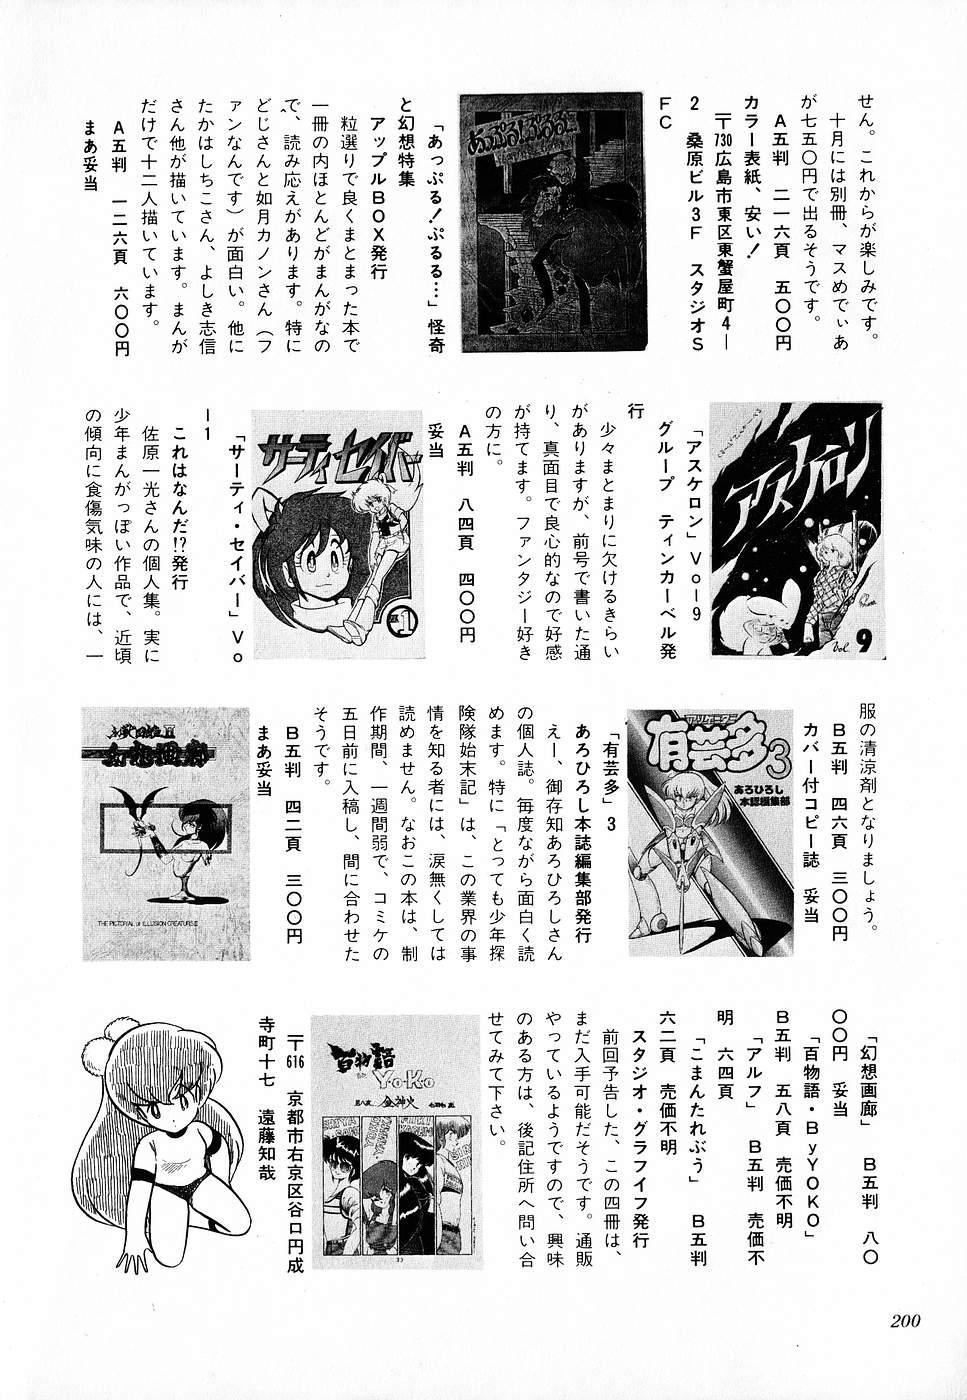 COMIC Lolipop 1985-10 Soukanjunbigou Aki 199